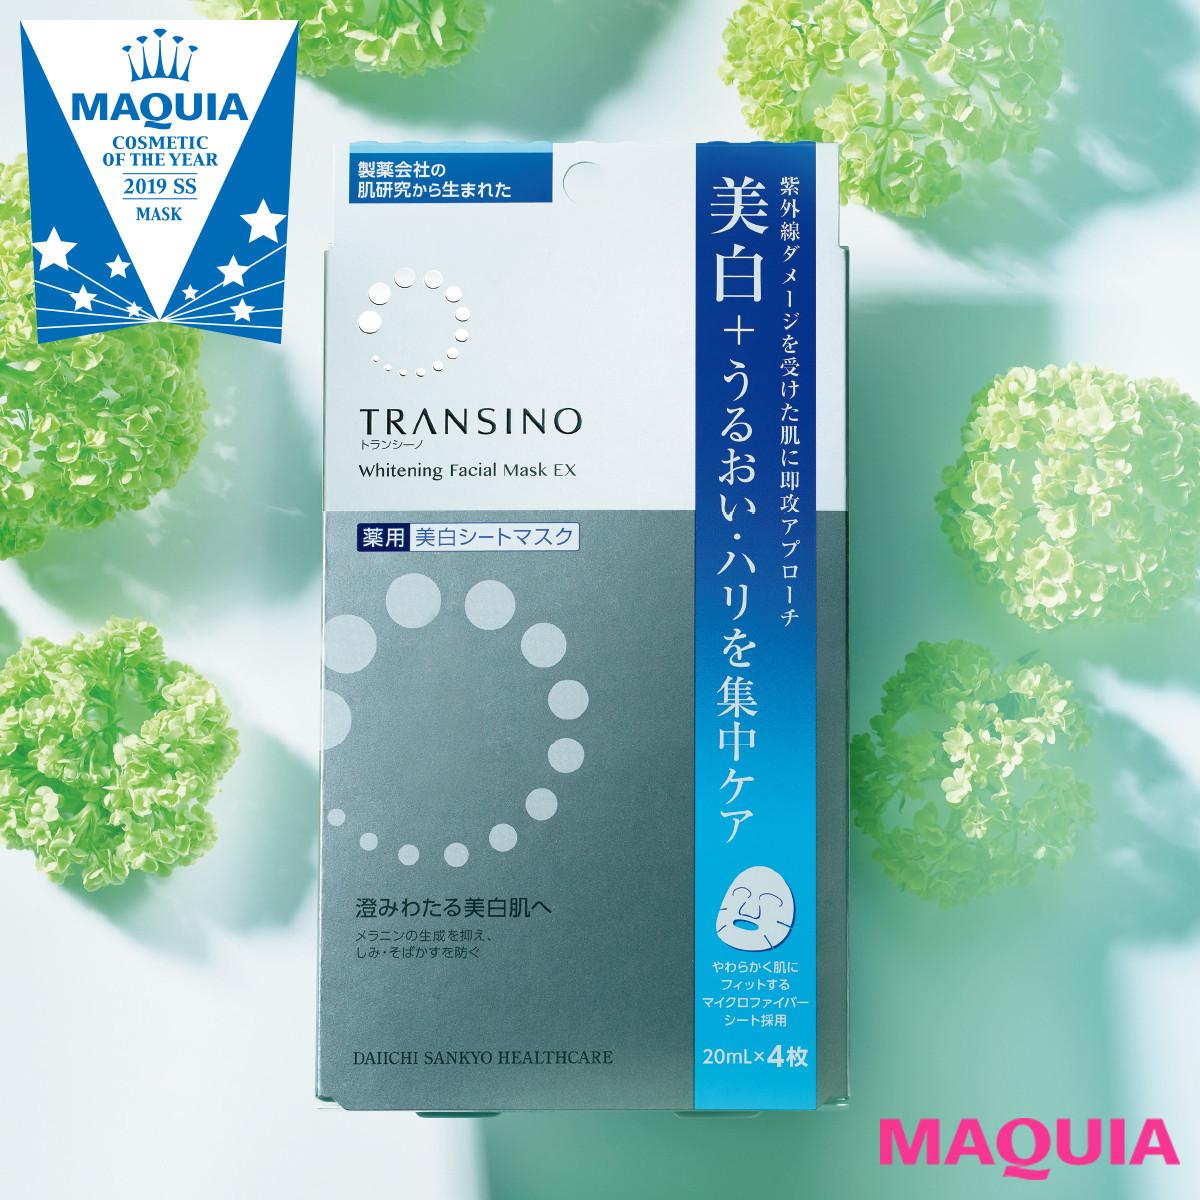 【ベストコスメ】2019年上半期/マスク部門1位:トランシーノ薬用 ホワイトニング フェイシャルマスクEX